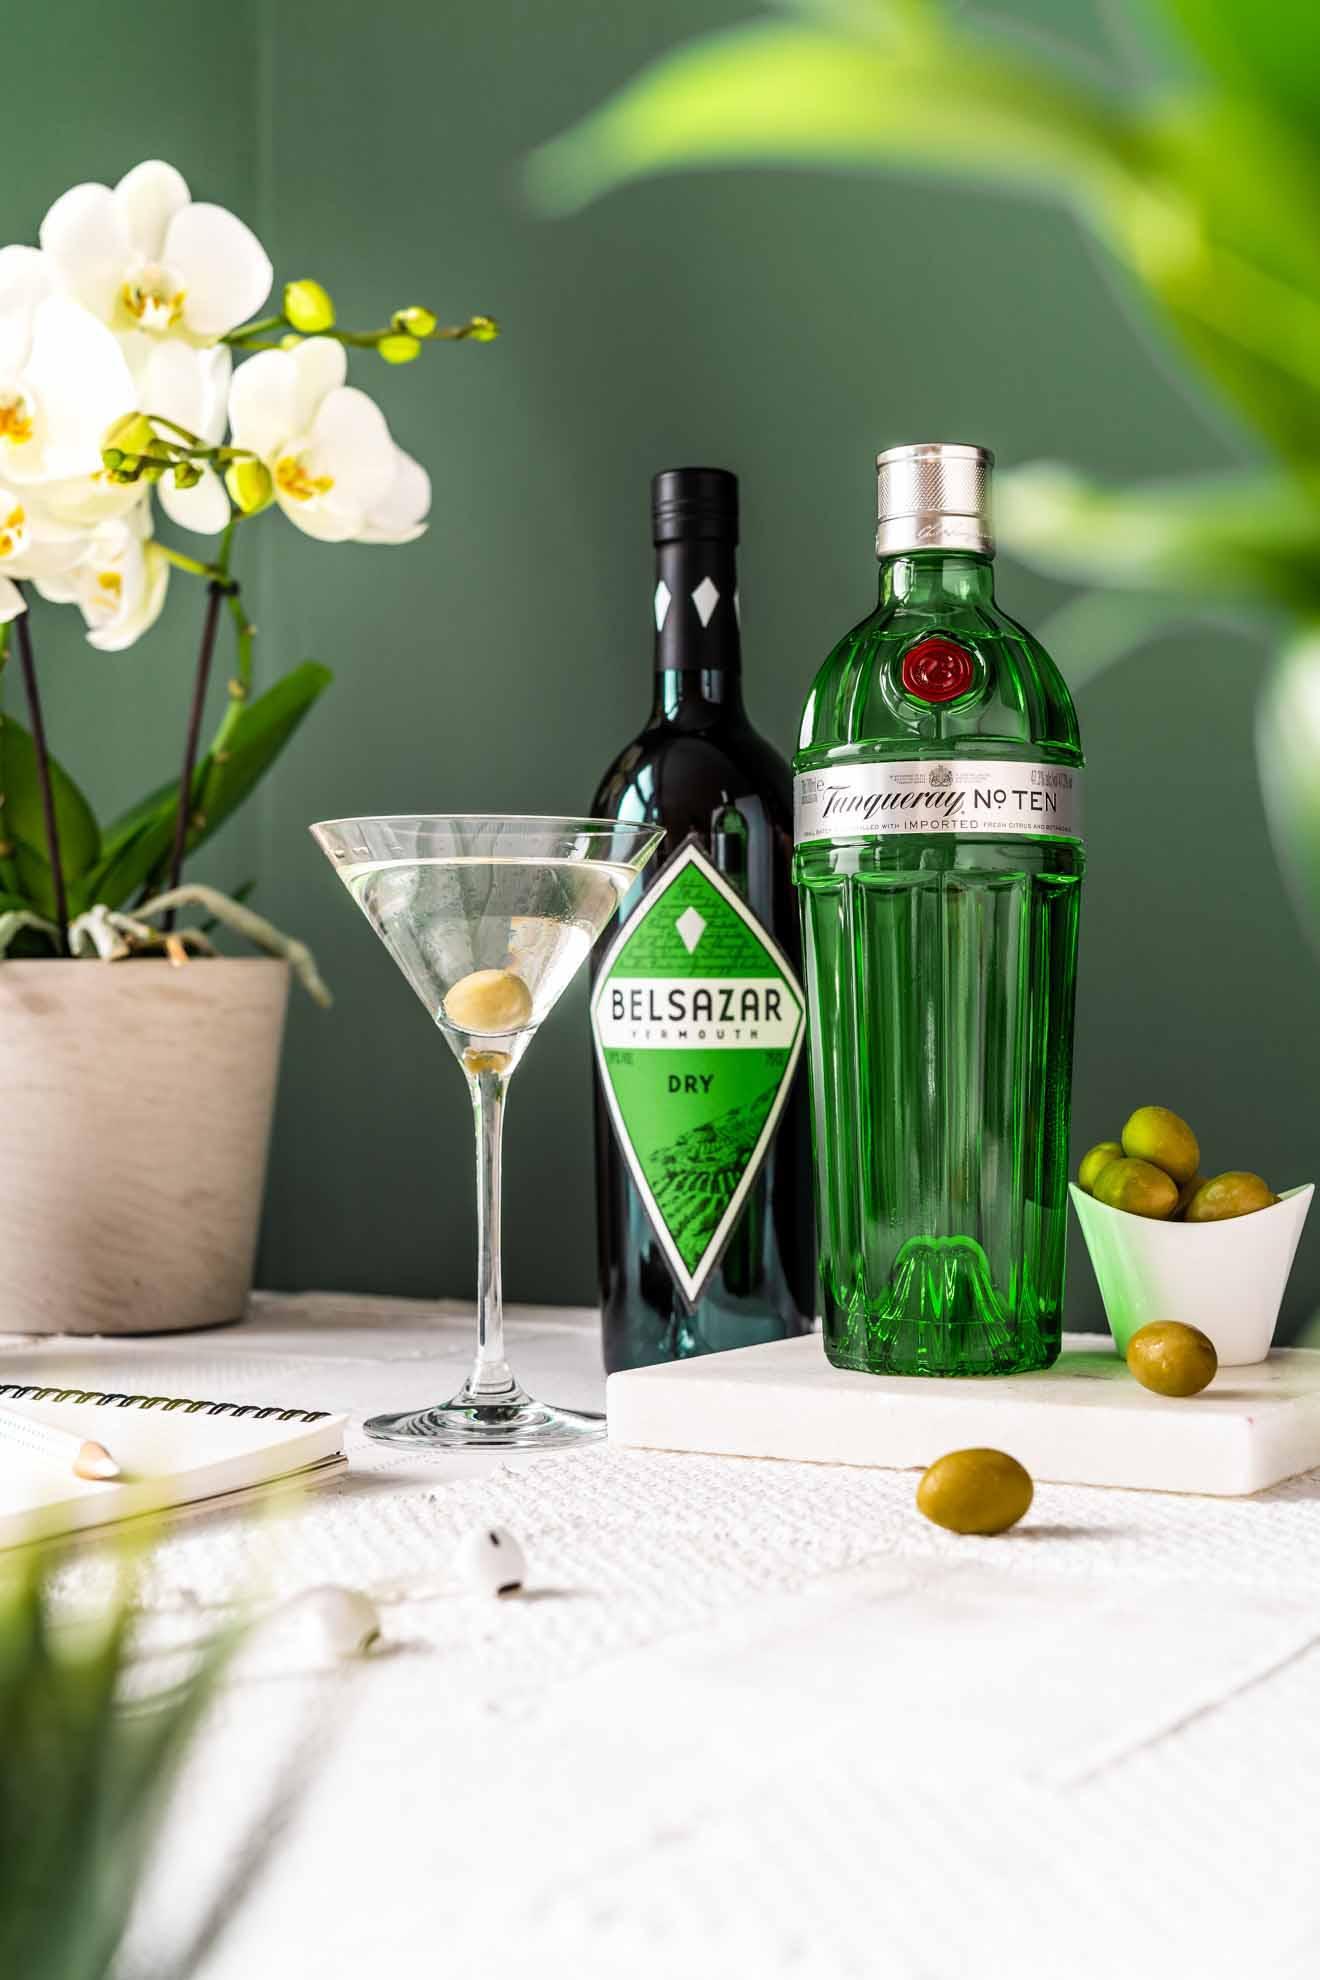 Bianco richtig servieren martini Servieren einen